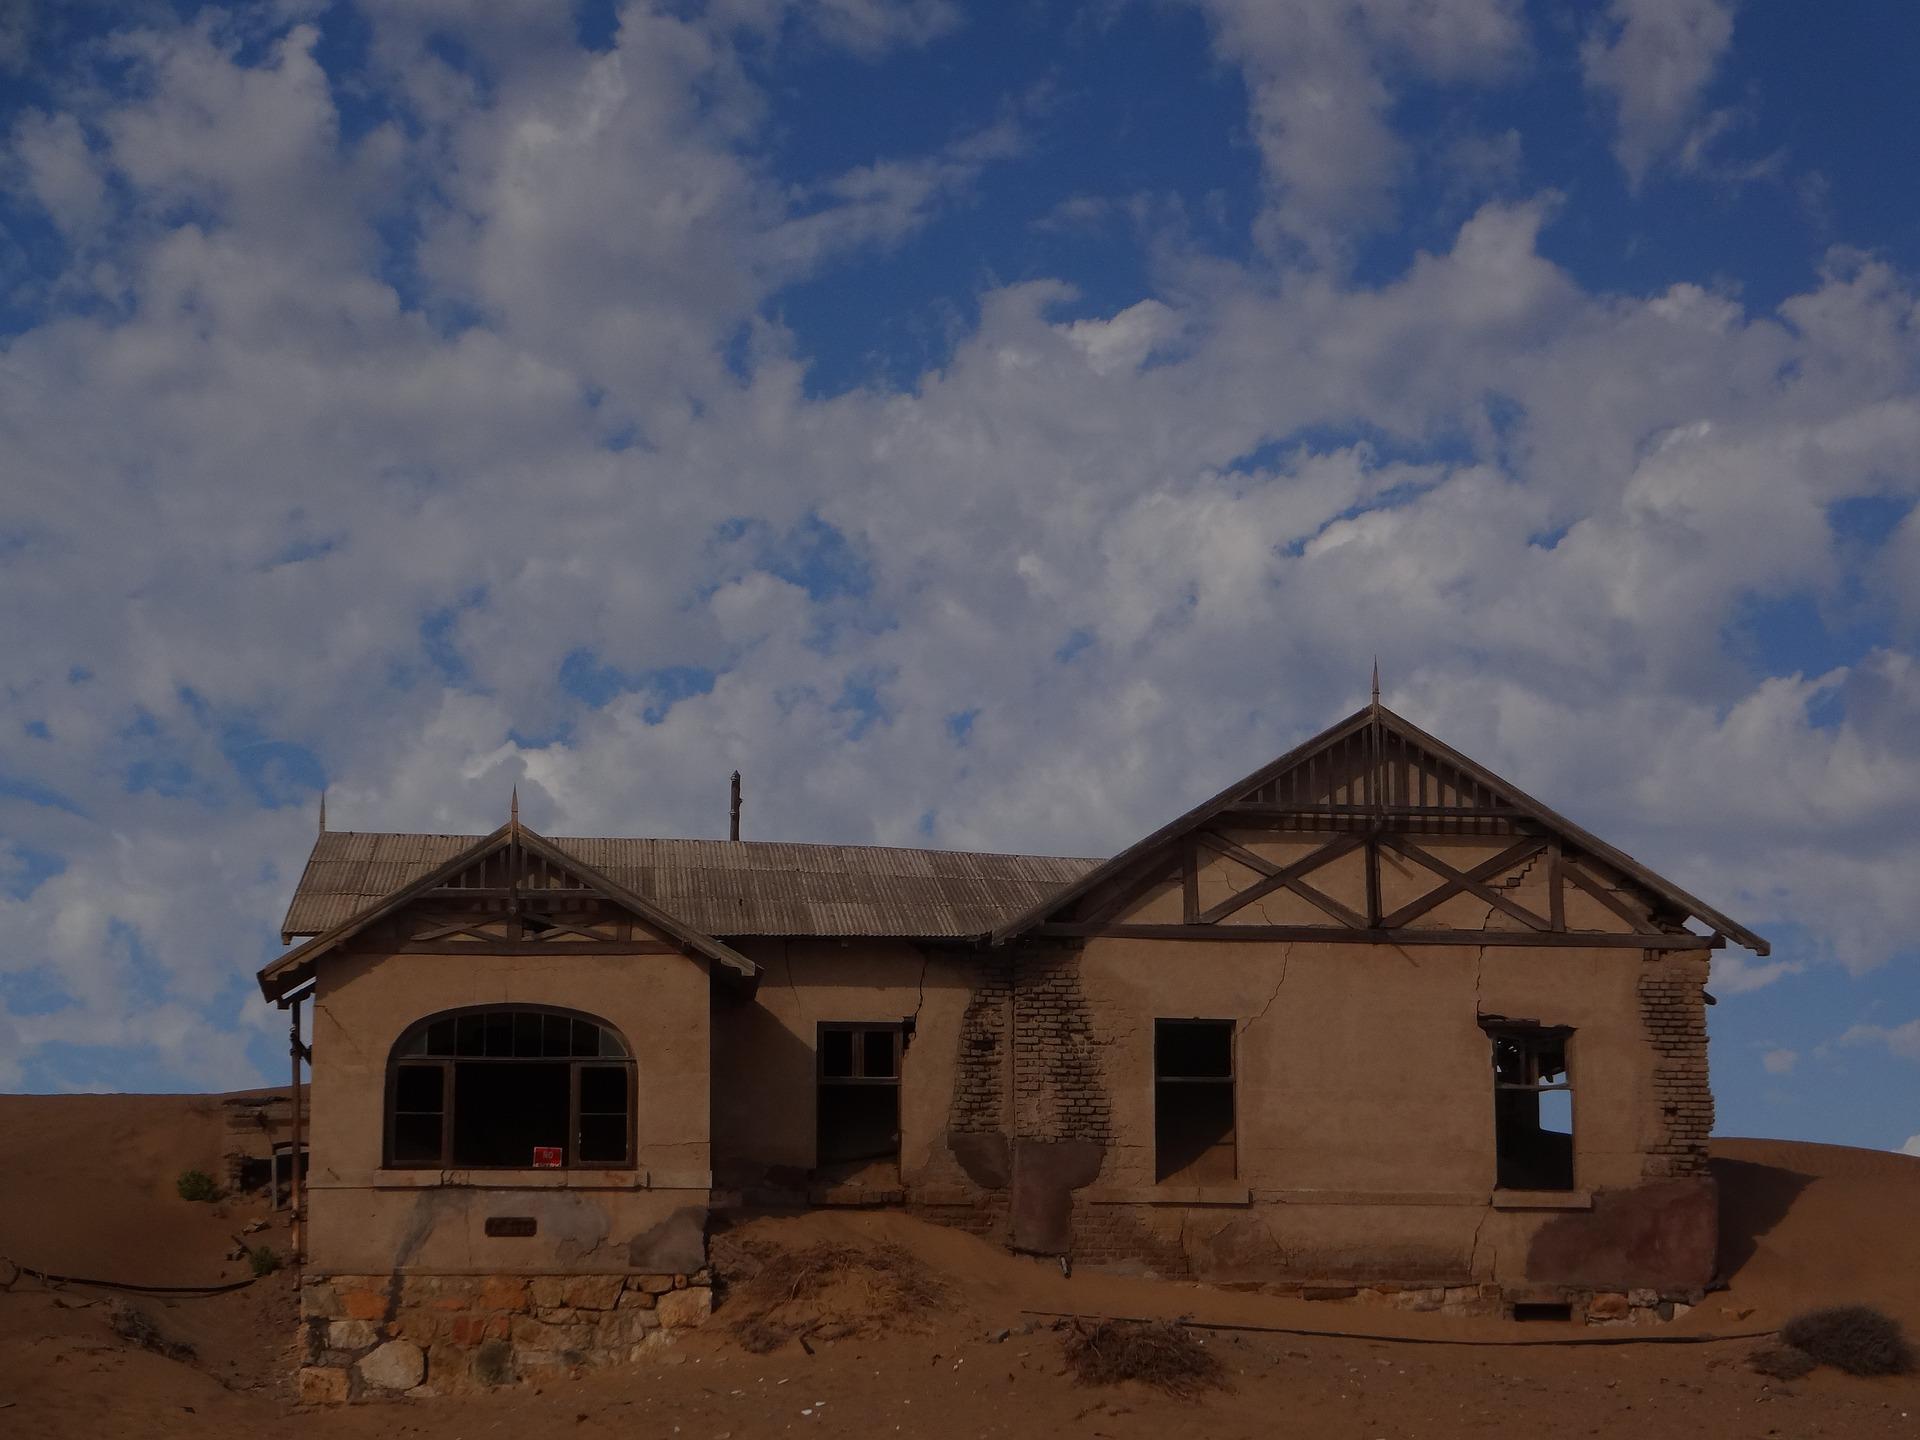 città fantasma di Kolmanskop